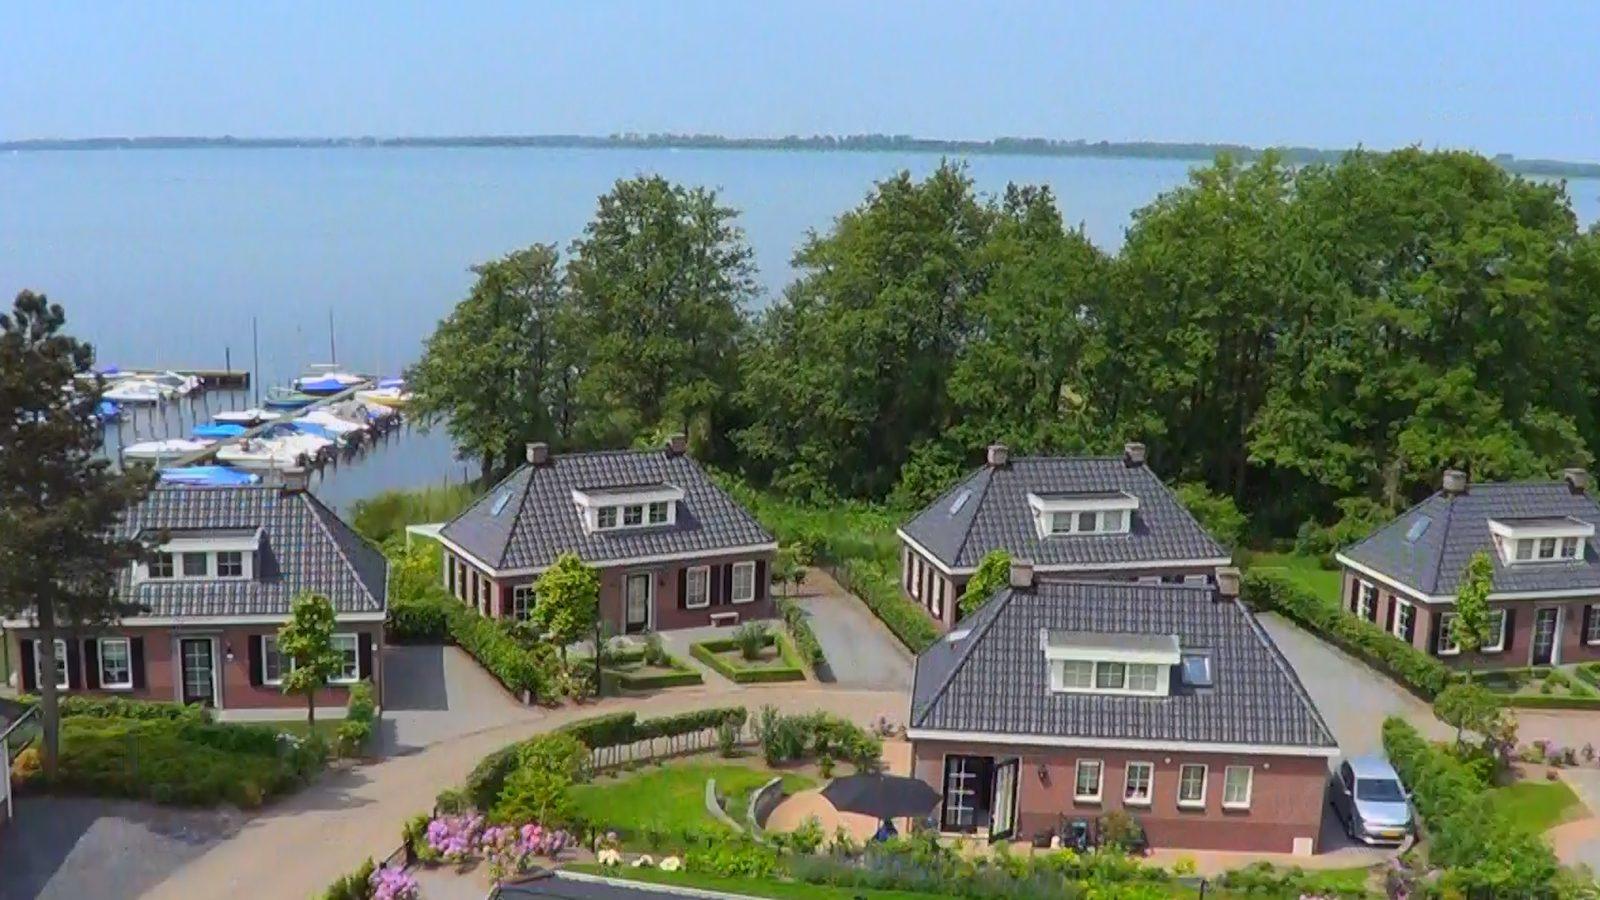 Vakantiehuis kopen Veluwemeer